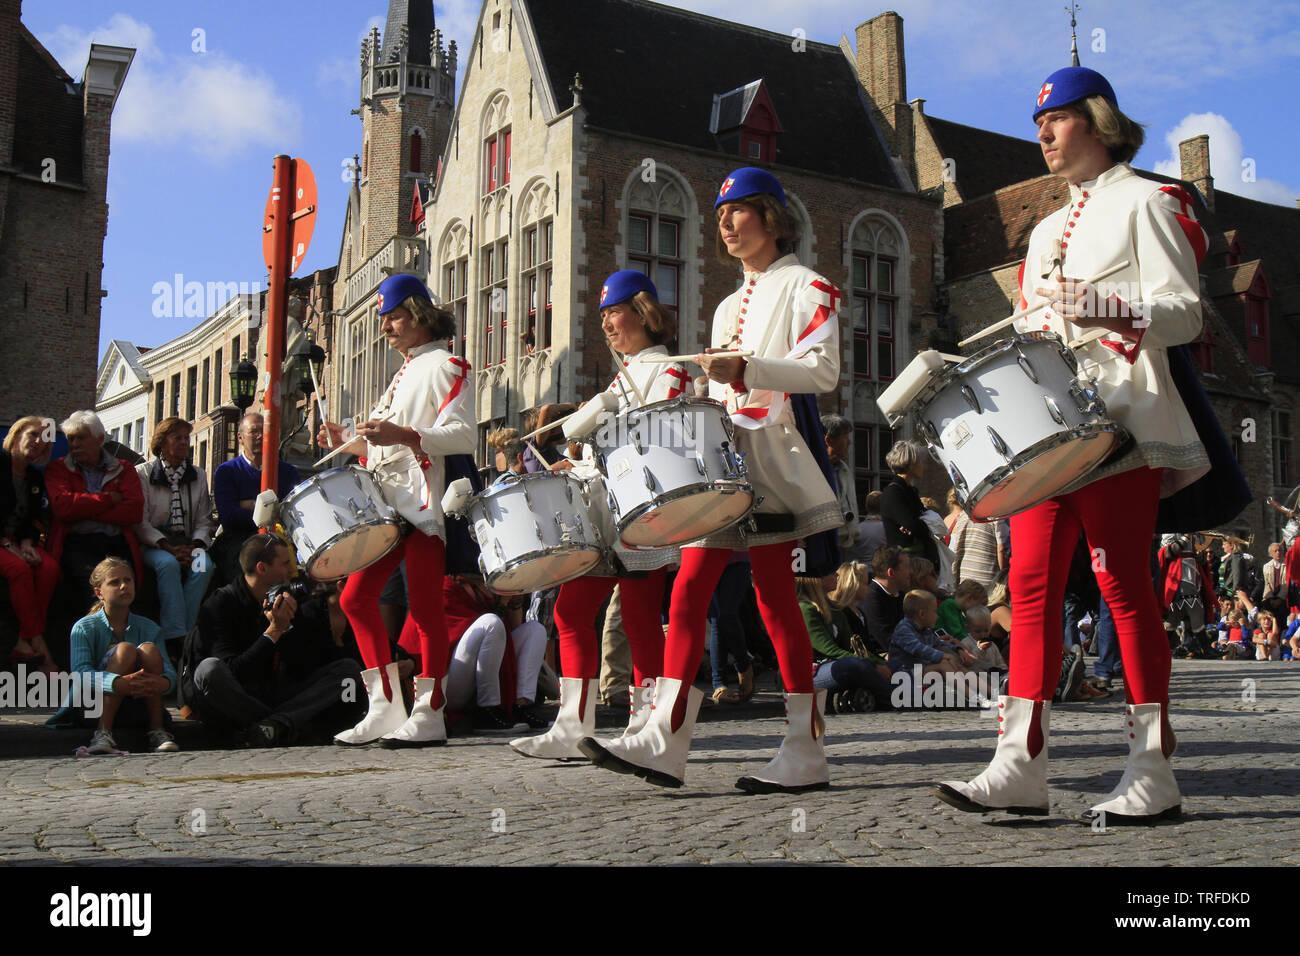 Le cortège de l'Arbre d'Or. Bruges. Belgique. The pageant of the Golden Tree. Bruges. Belgique. - Stock Image